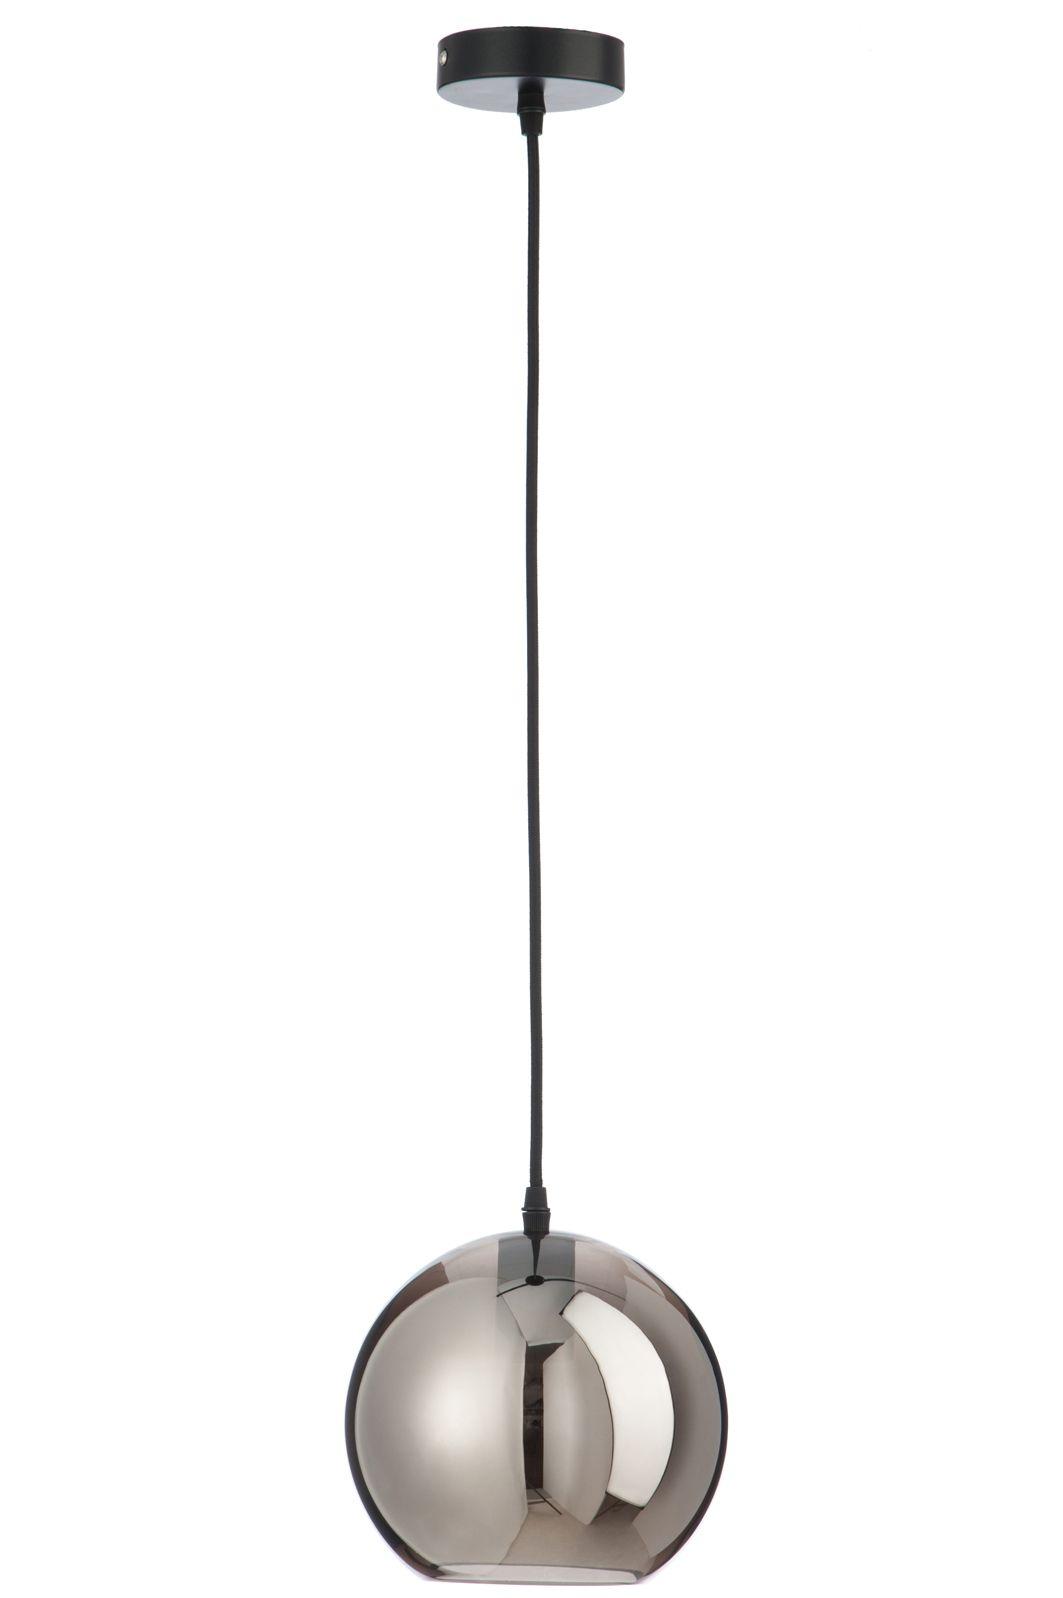 2019 Boule Argent Petit En Modèle Ref 30022849 Verre Suspension shtdrxQC